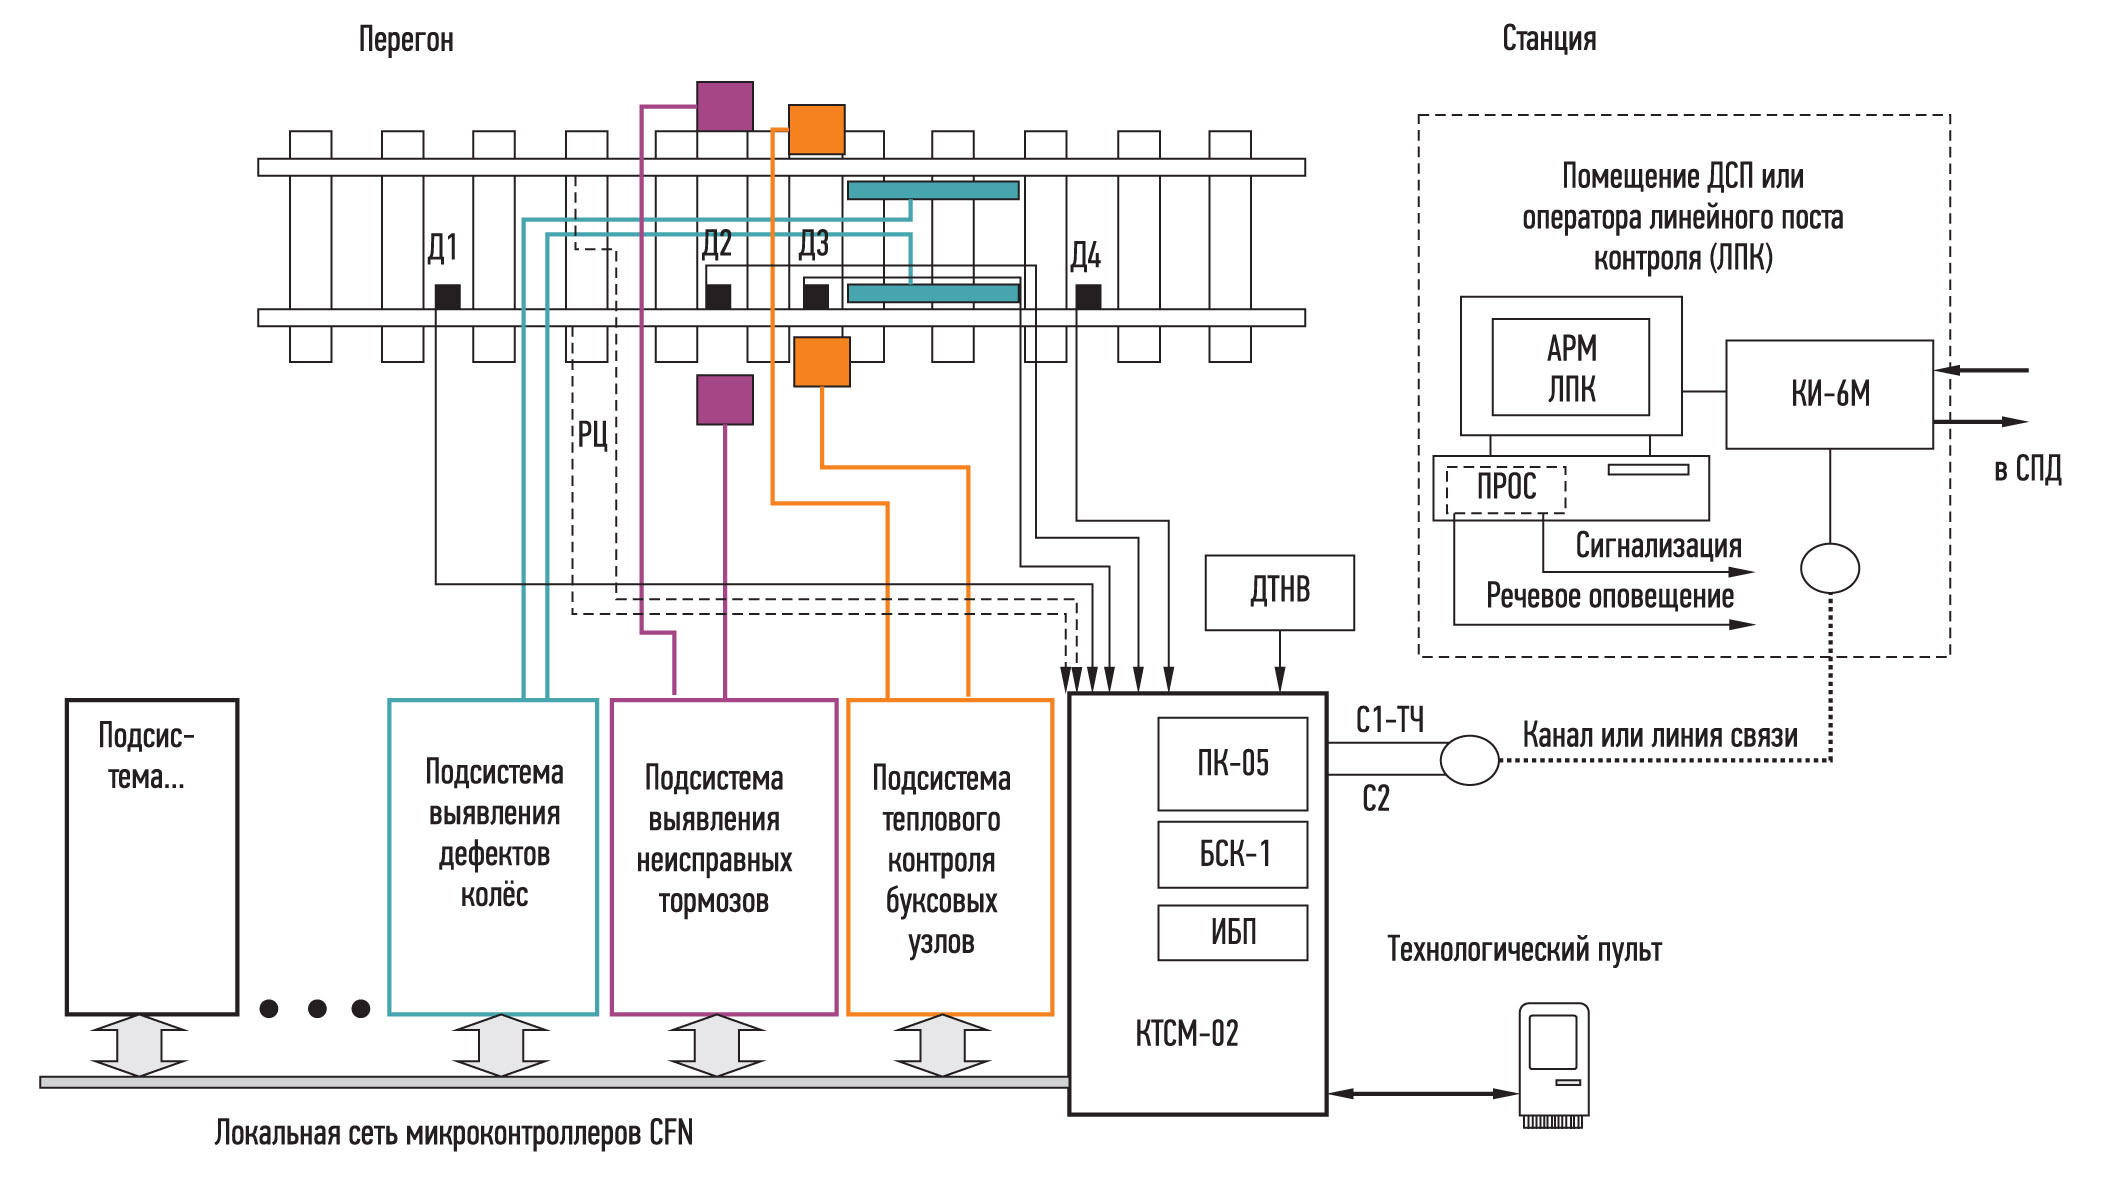 Структурная схема системы контроля подвижного состава на базе комплекса КТСМ-02